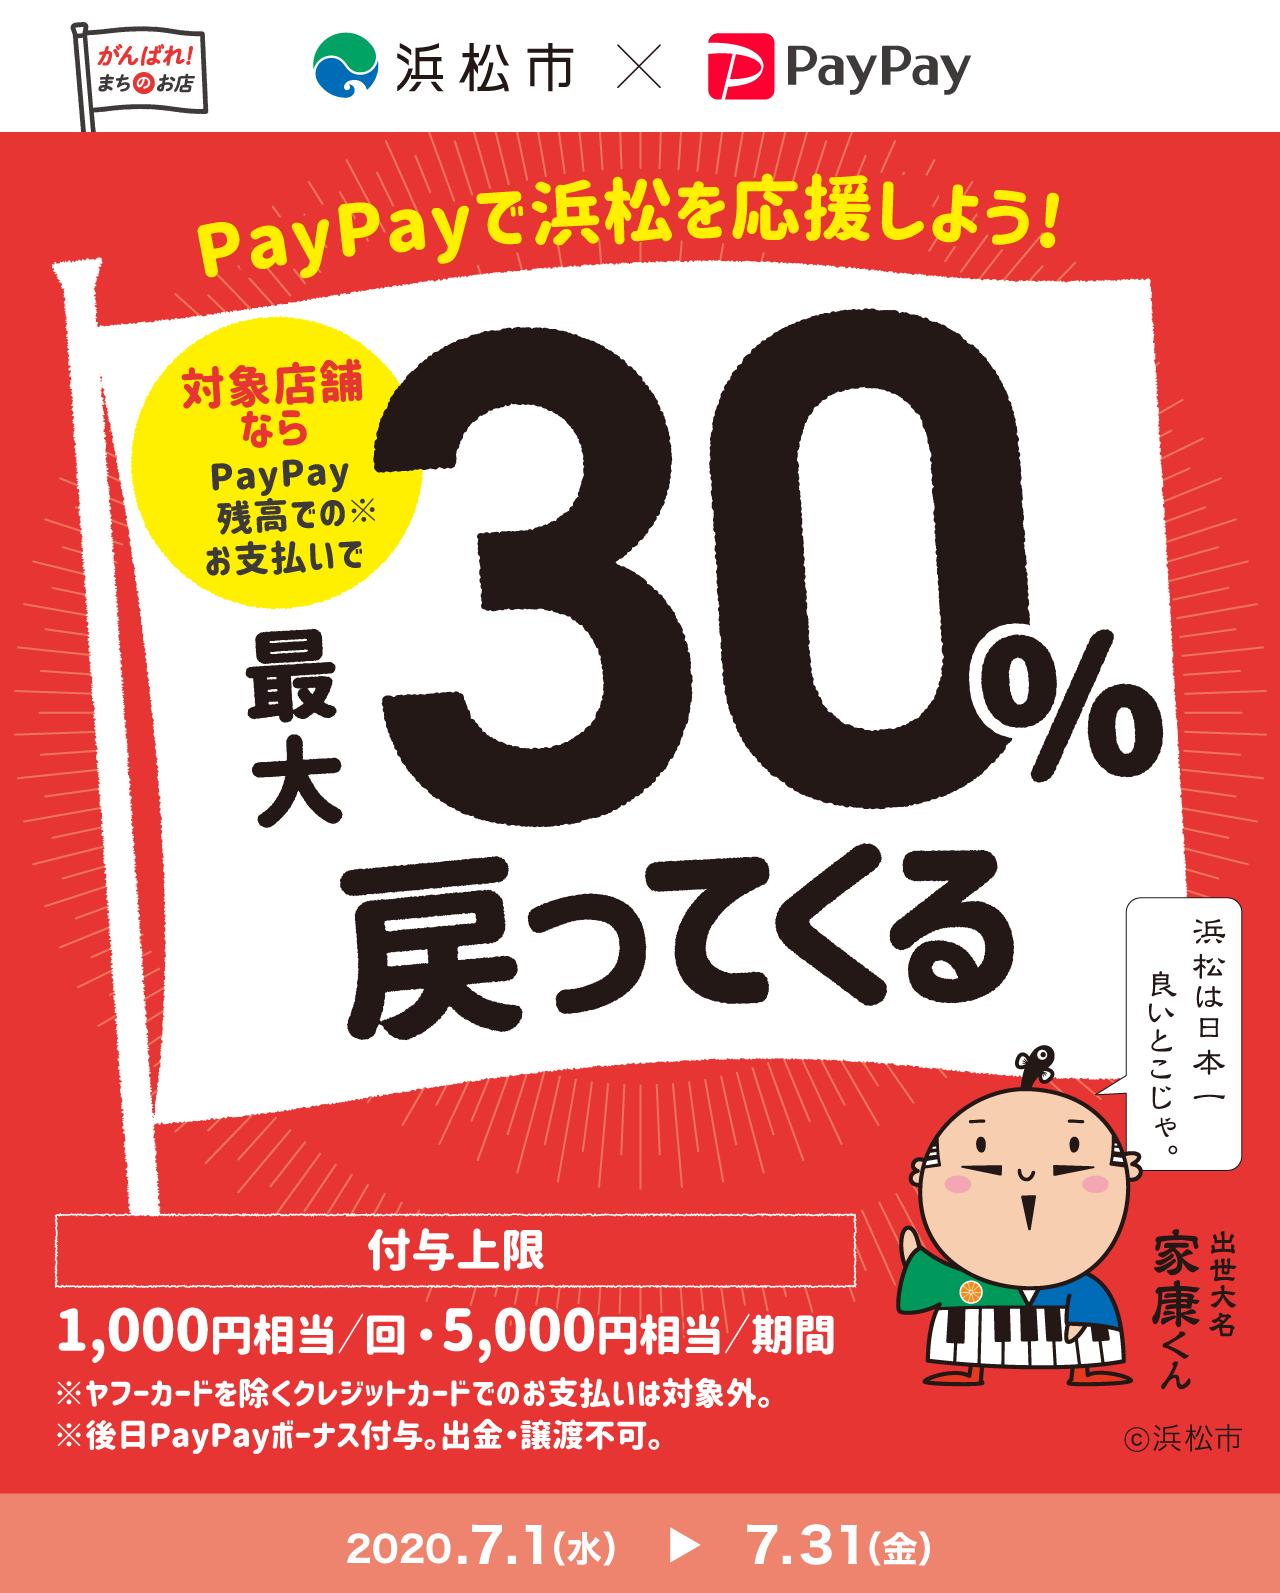 PayPayで浜松を応援しよう! 対象店舗ならPayPay残高でのお支払いで 最大30%戻ってくる